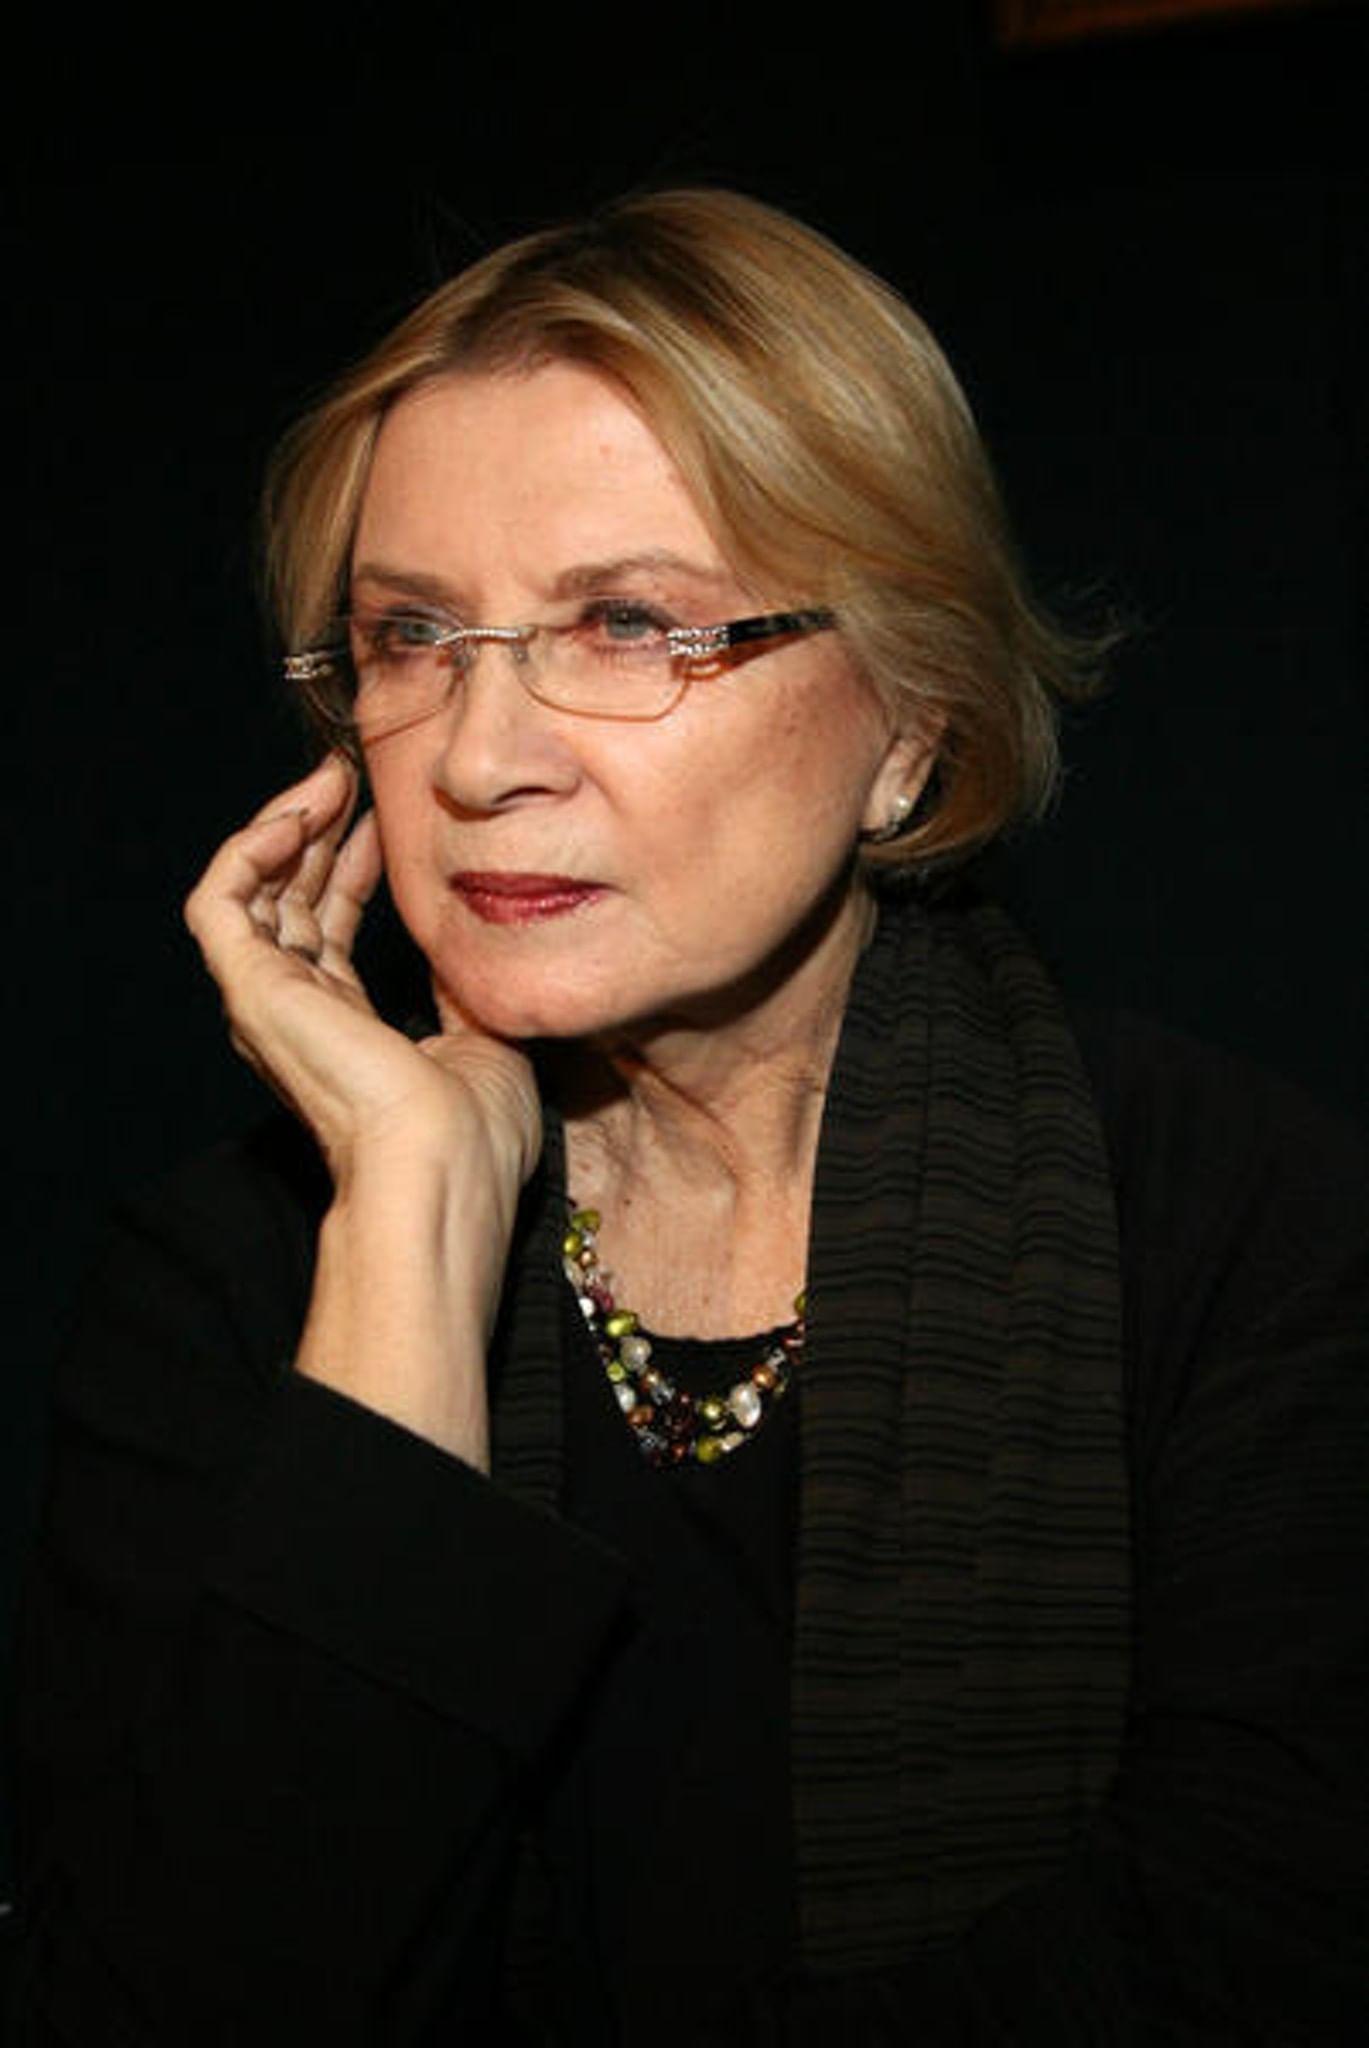 Демидова Алла Сергеевна. Галерея 2